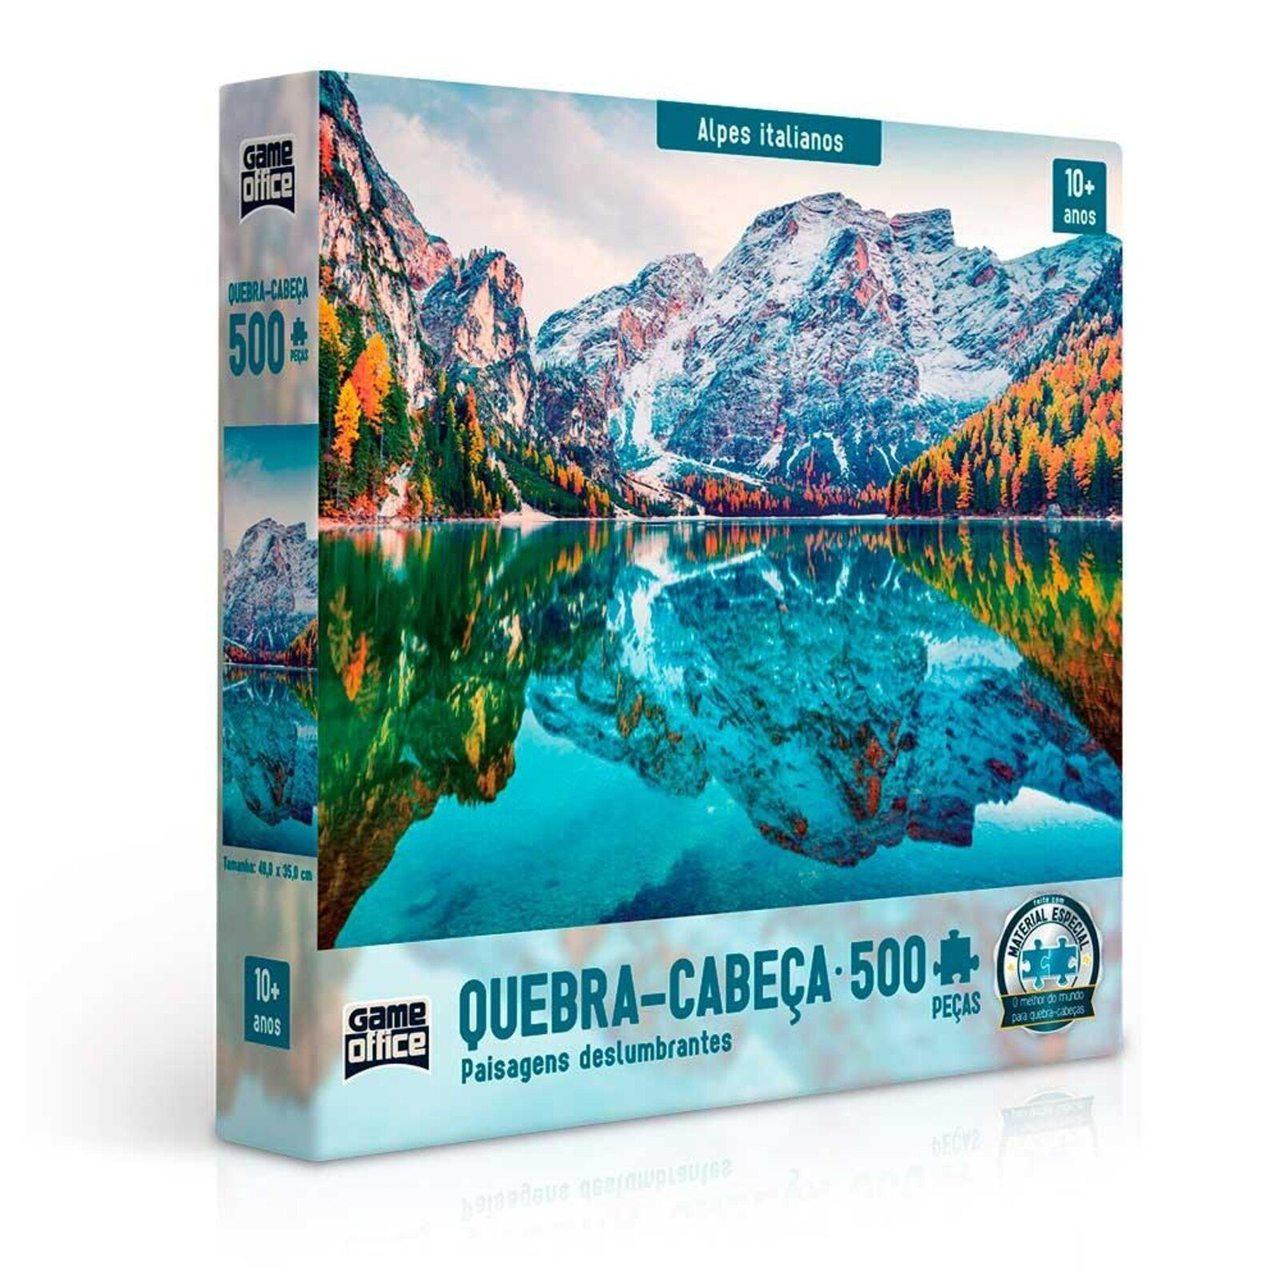 Quebra Cabeça Alpes Italianos 500 Peças - Toyster